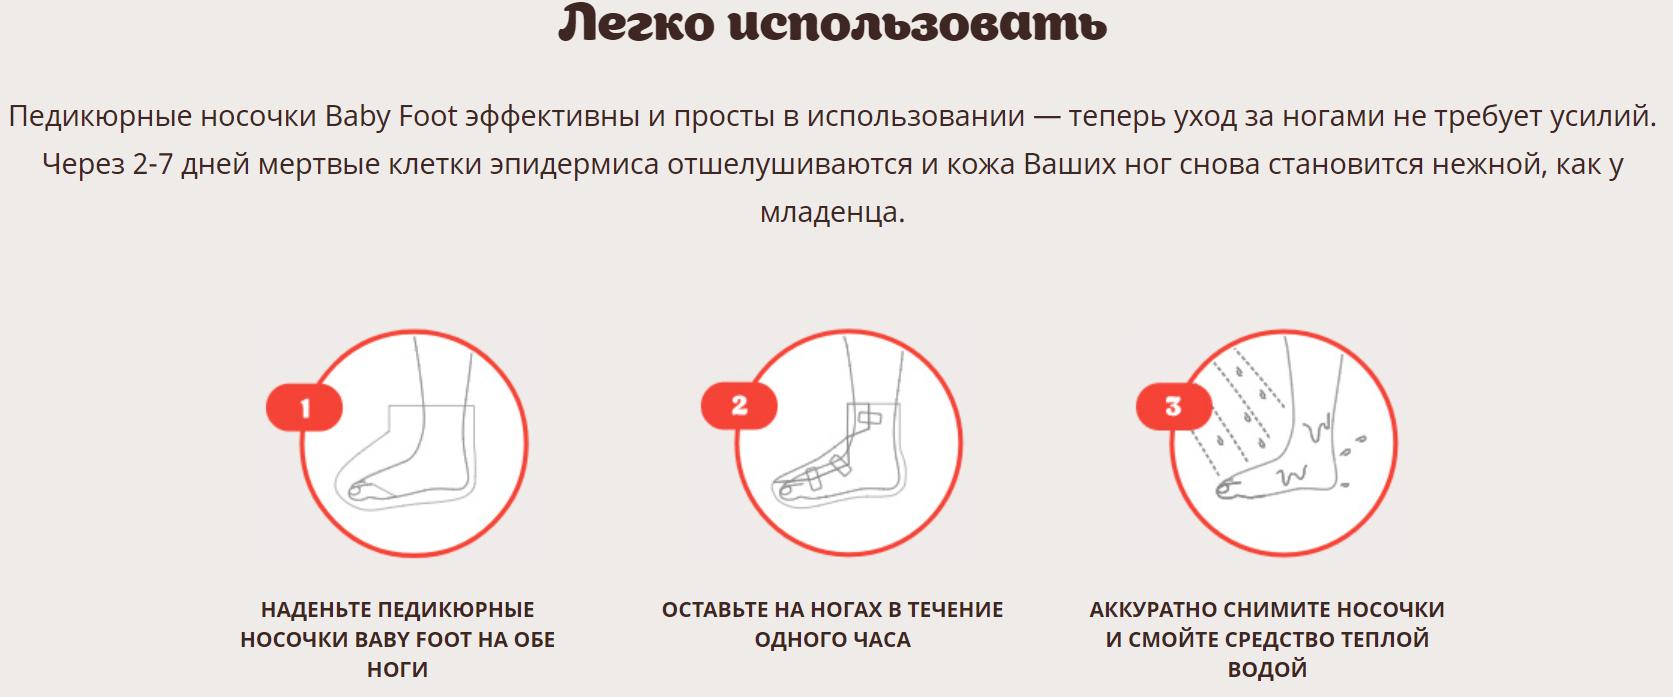 Педикюрные носочки Baby Foot легко использовать